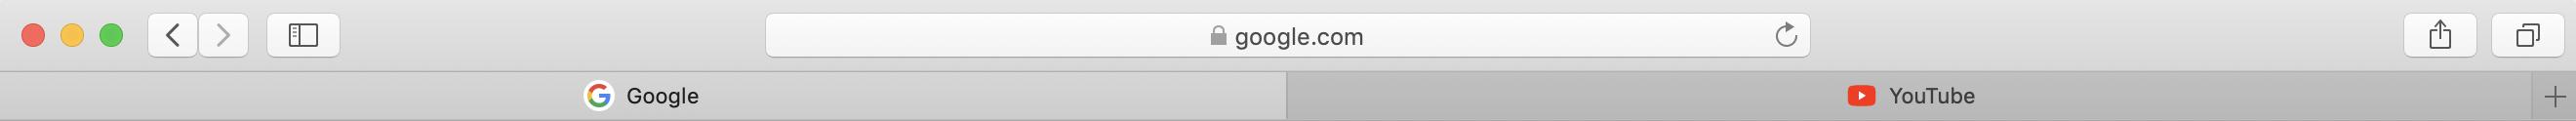 Webbplatssymboler i flikarna i Safari efter uppdateringen till MacOS Mojave.